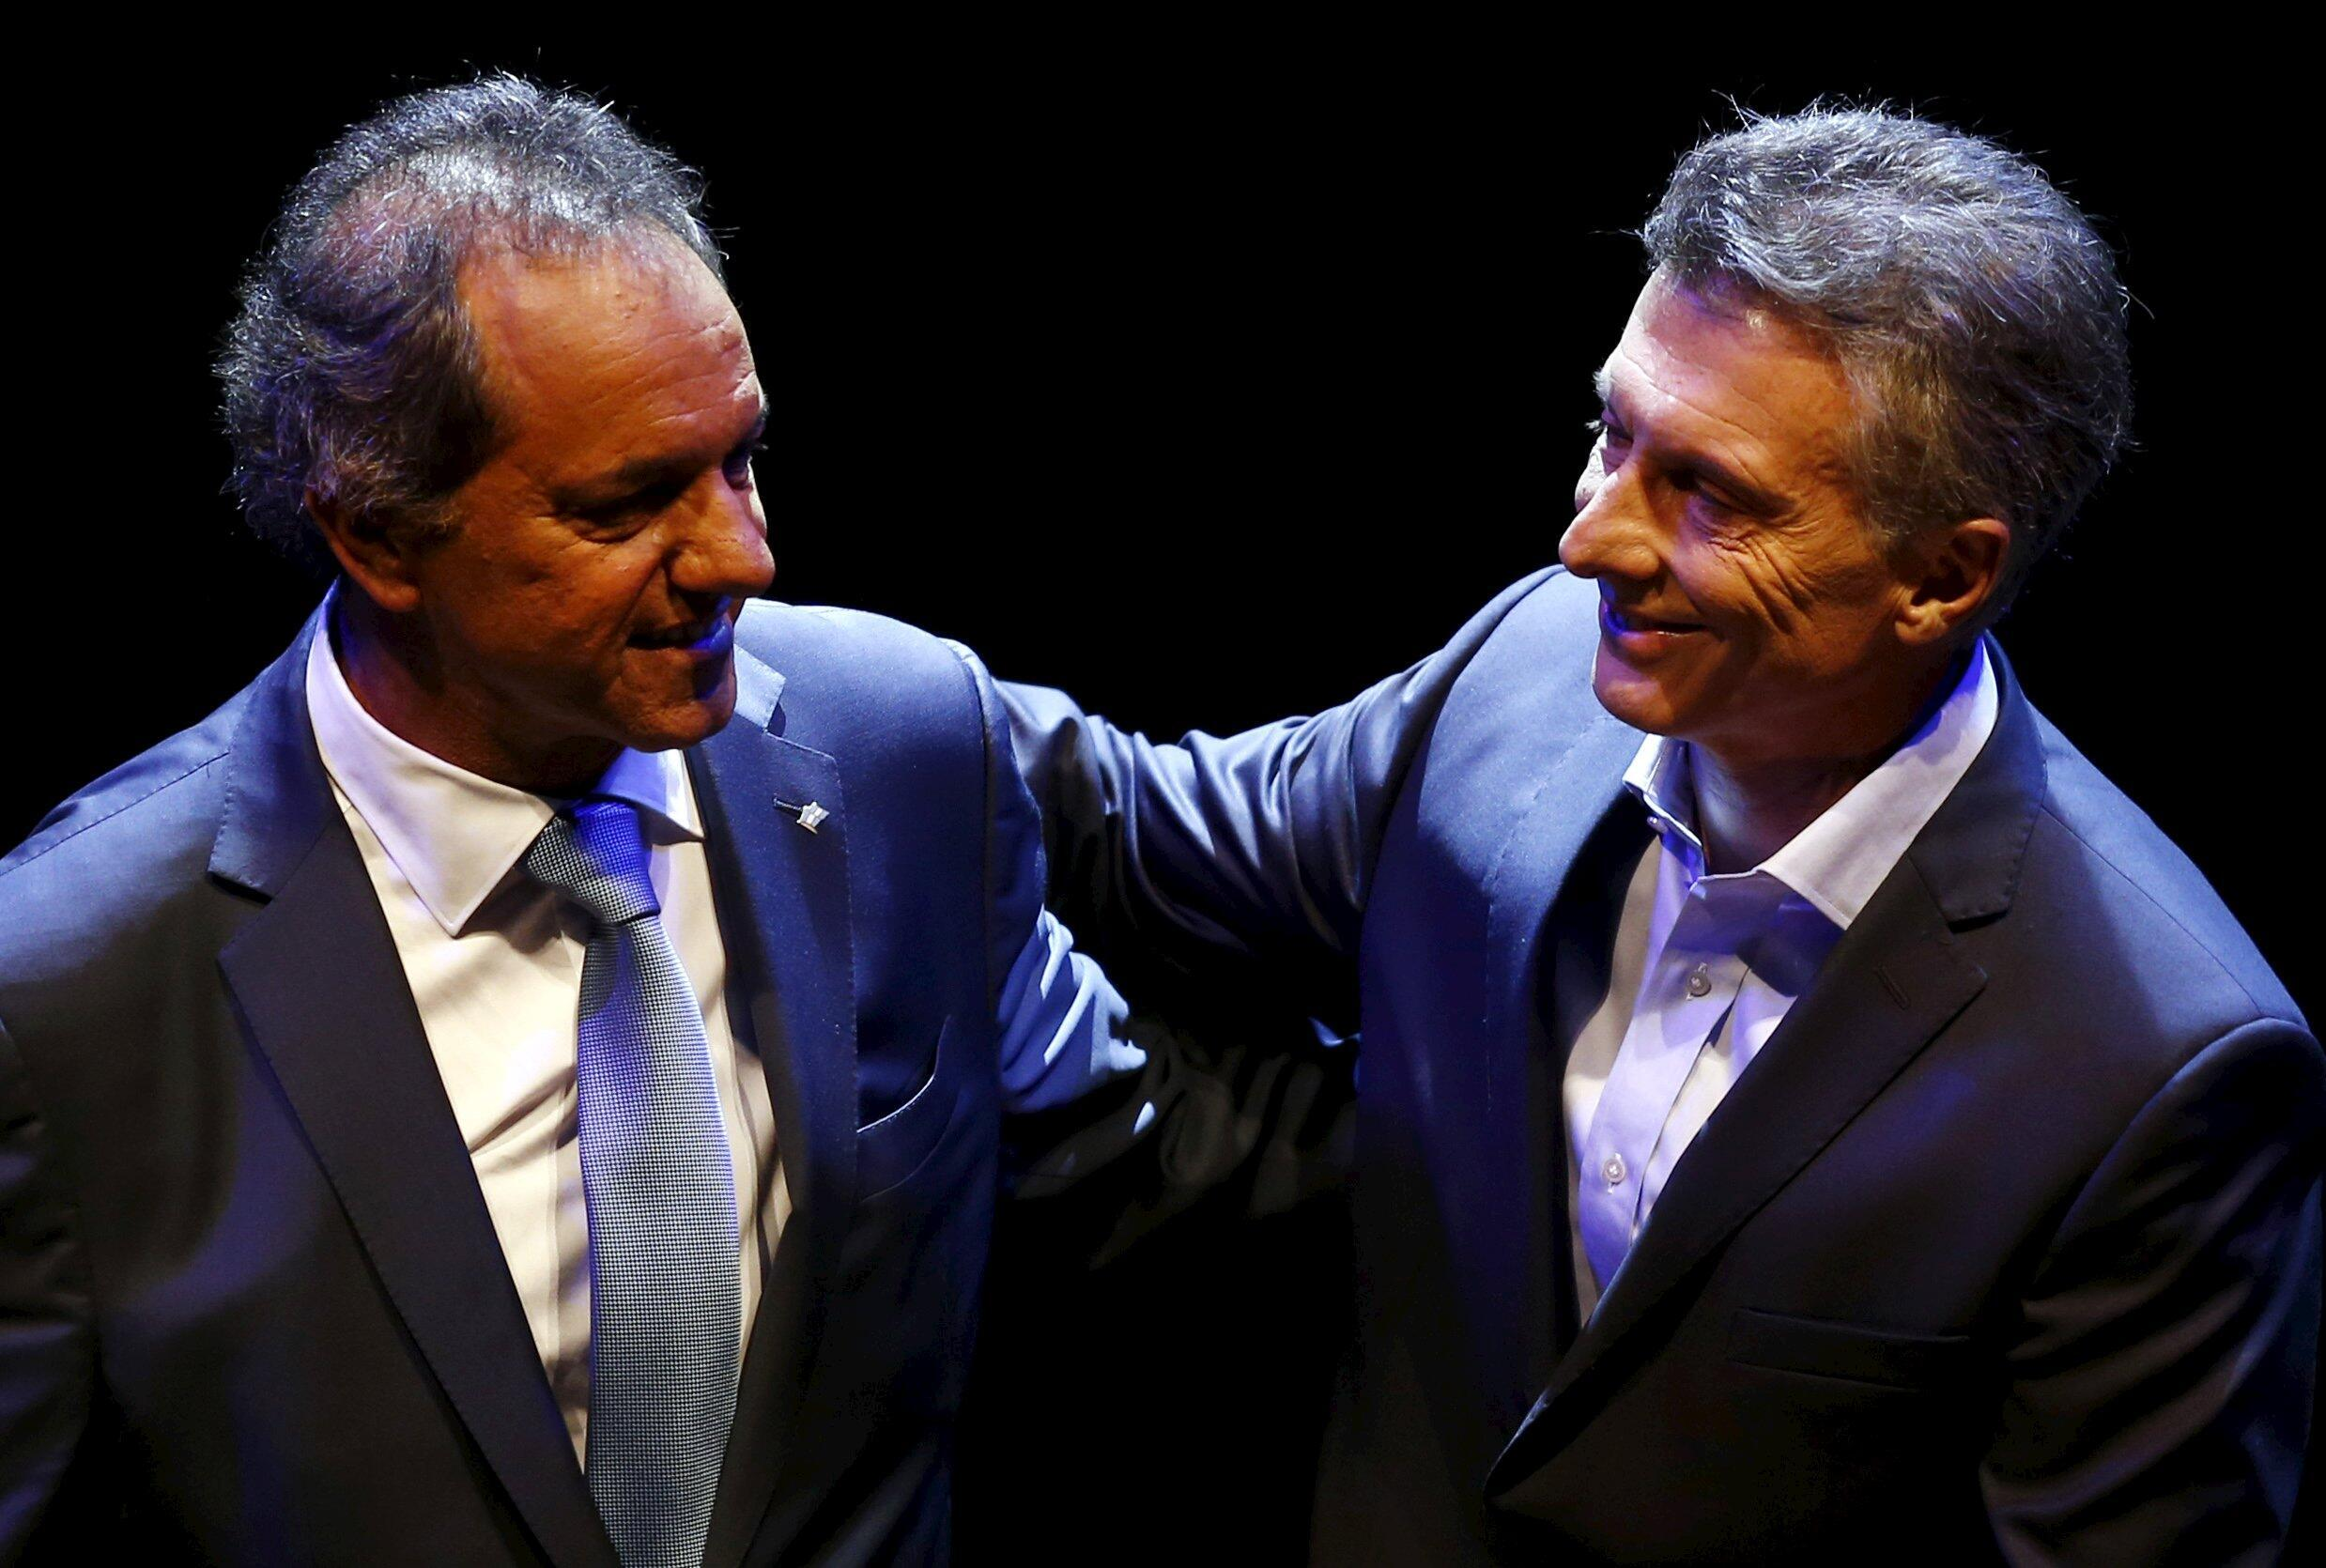 Daniel Scioli e Mauricio Macri,antes do debate televisivo de 15 de Novembro de 2015.